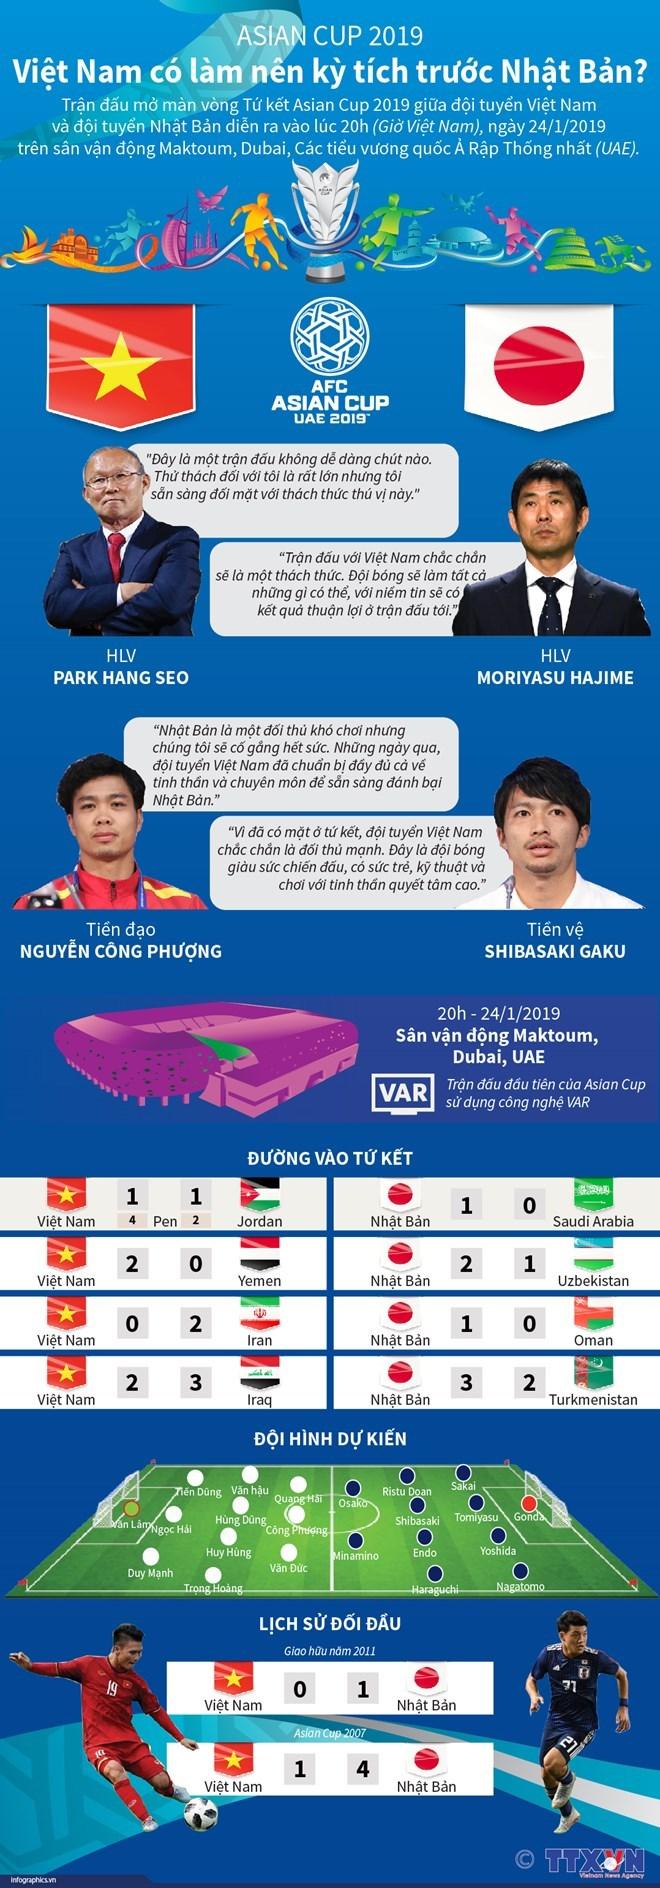 Trực tiếp Việt Nam - Nhật Bản 0-0: Văn Lâm cứu thua không tưởng - ảnh 13